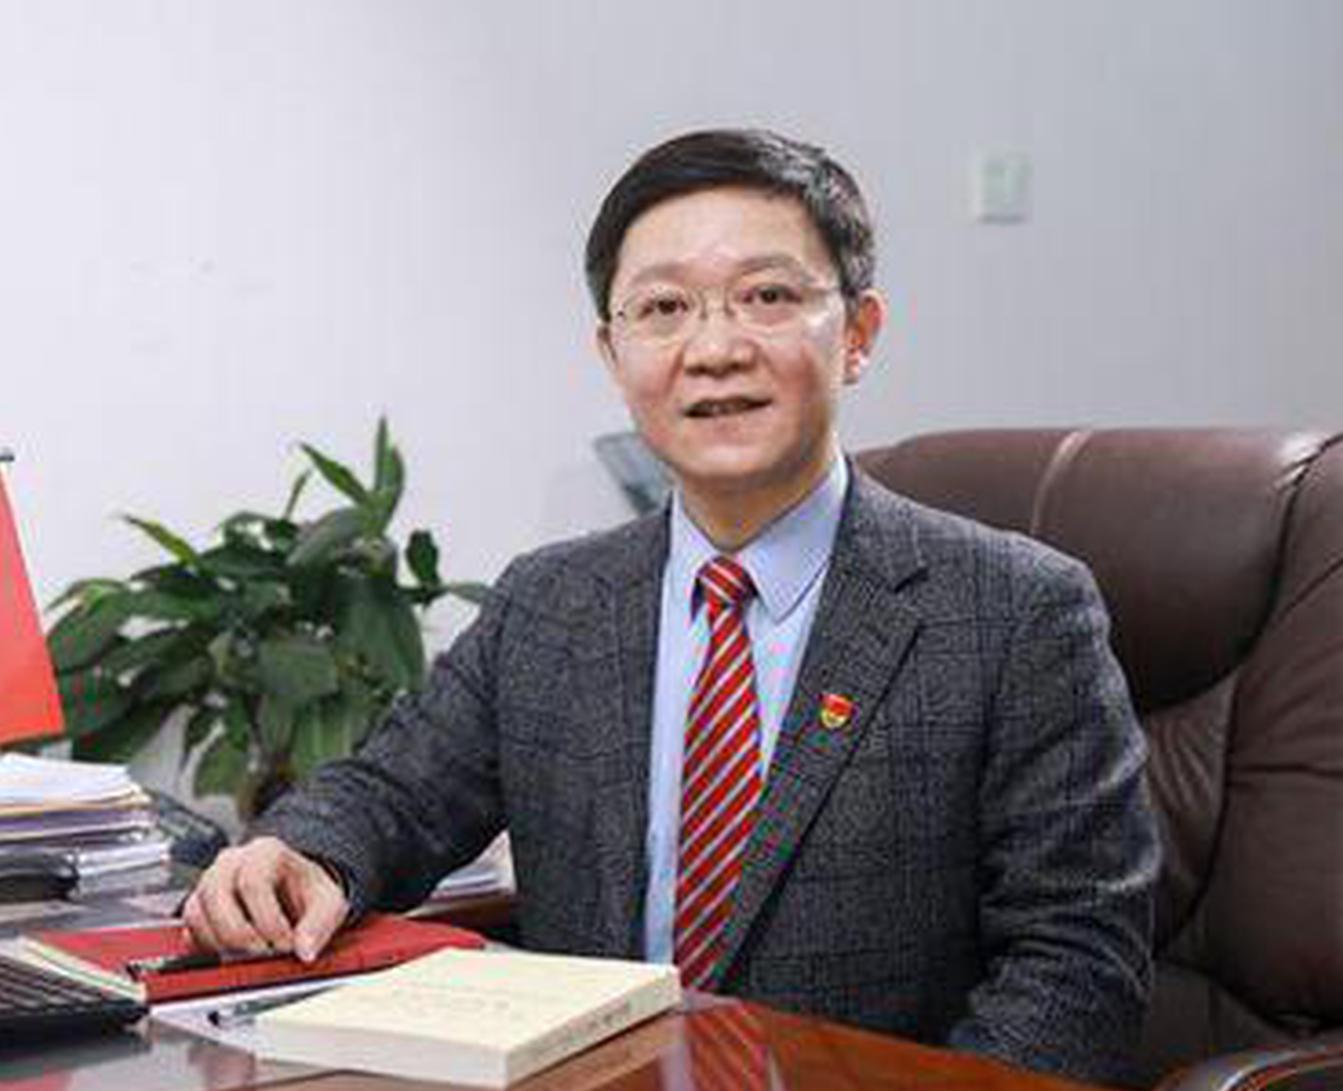 我从基层来|黎志宏:向阳奔跑 为健康中国事业贡献智慧和力量